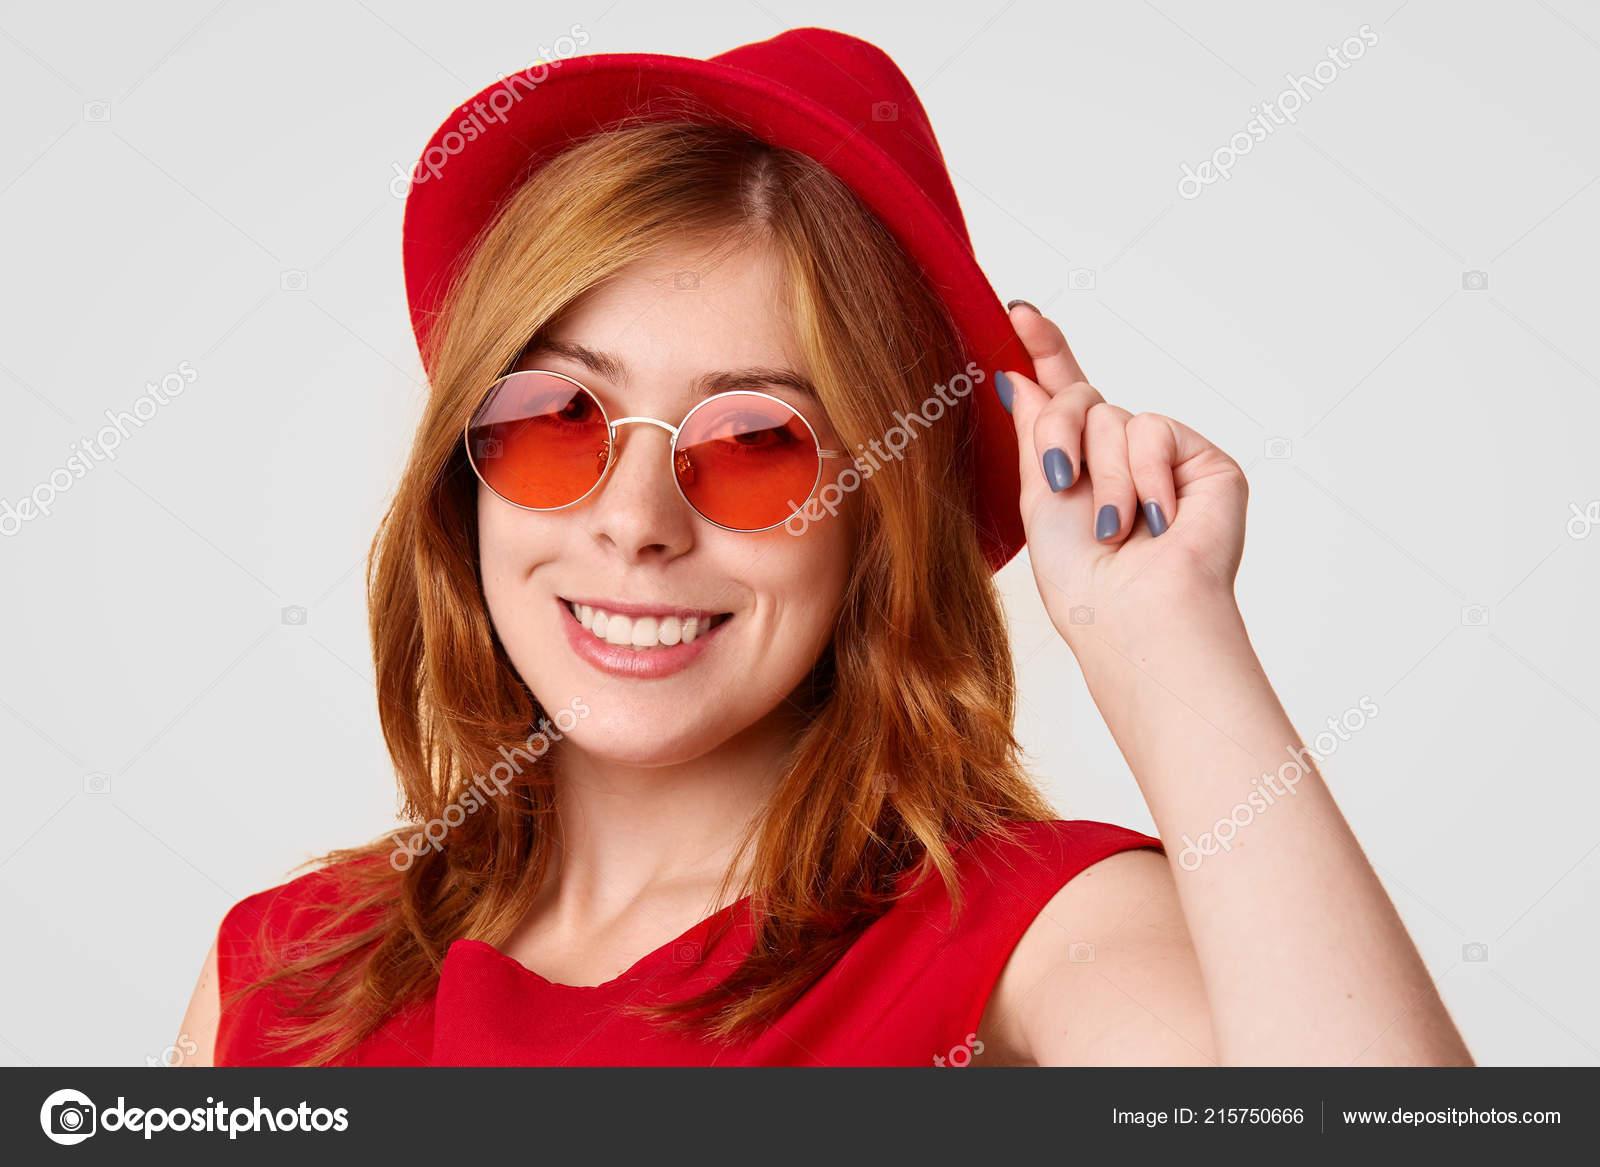 ec2ffc0c53a9e Hermosa mujer con estilo se encuentra lateralmente toca moda sombrero rojo